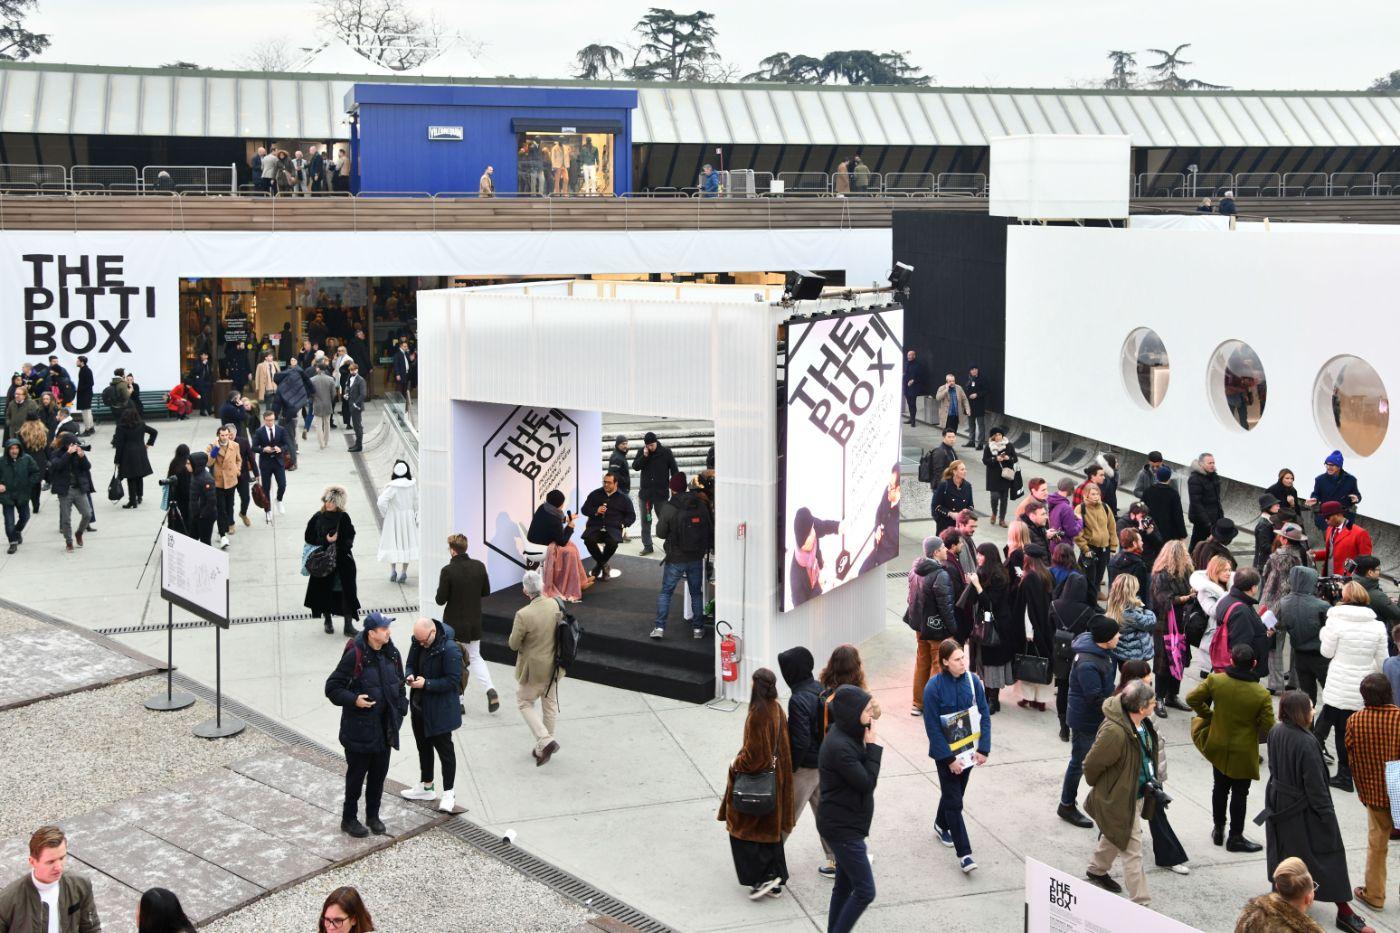 pitti box - Palazzo Pitti e i social media: una coppia vincente